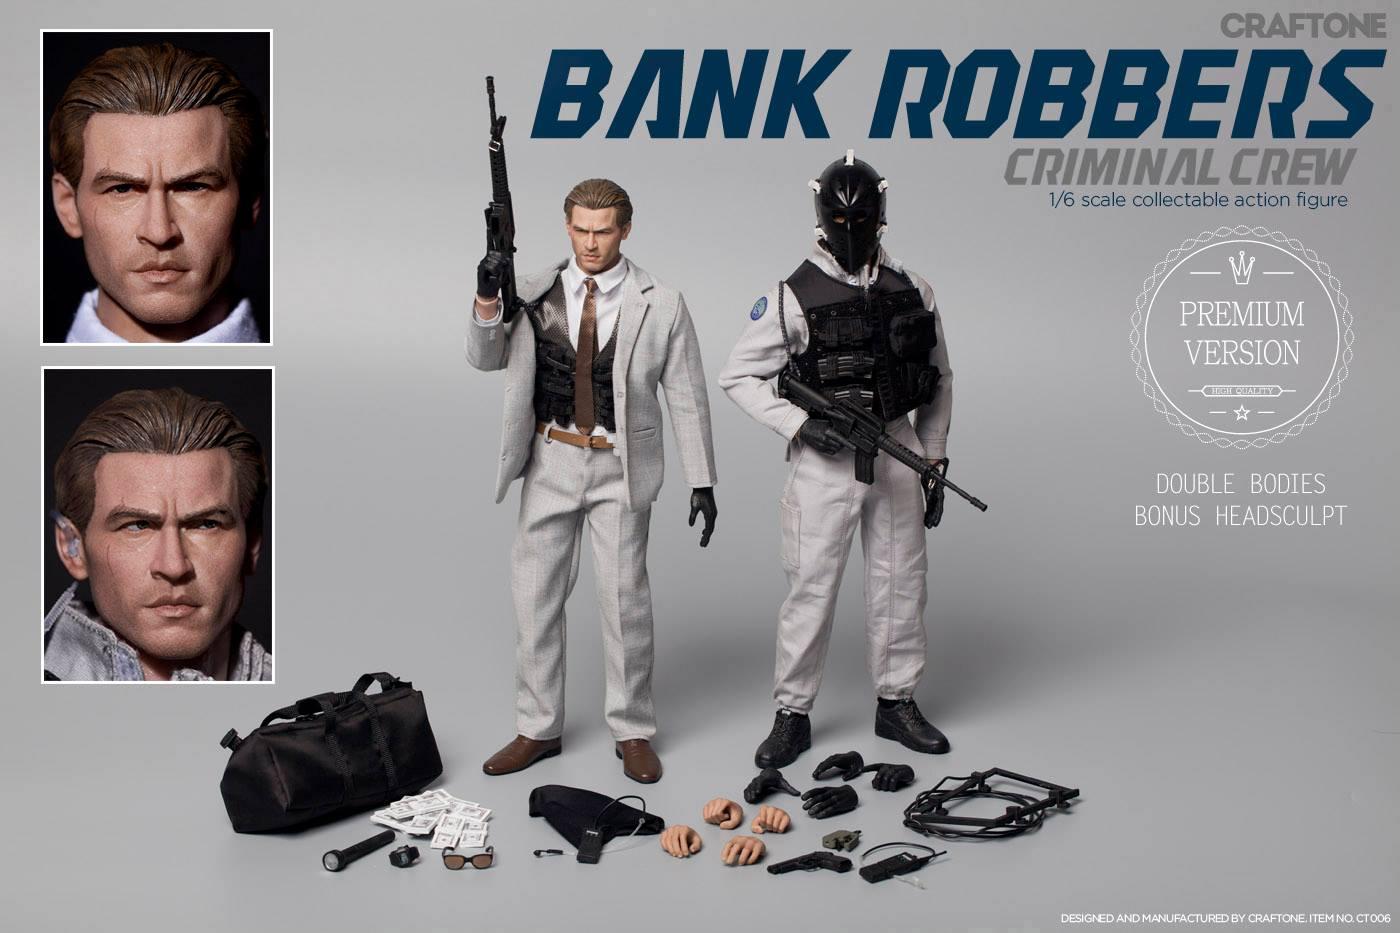 cra-bankrobbers-023